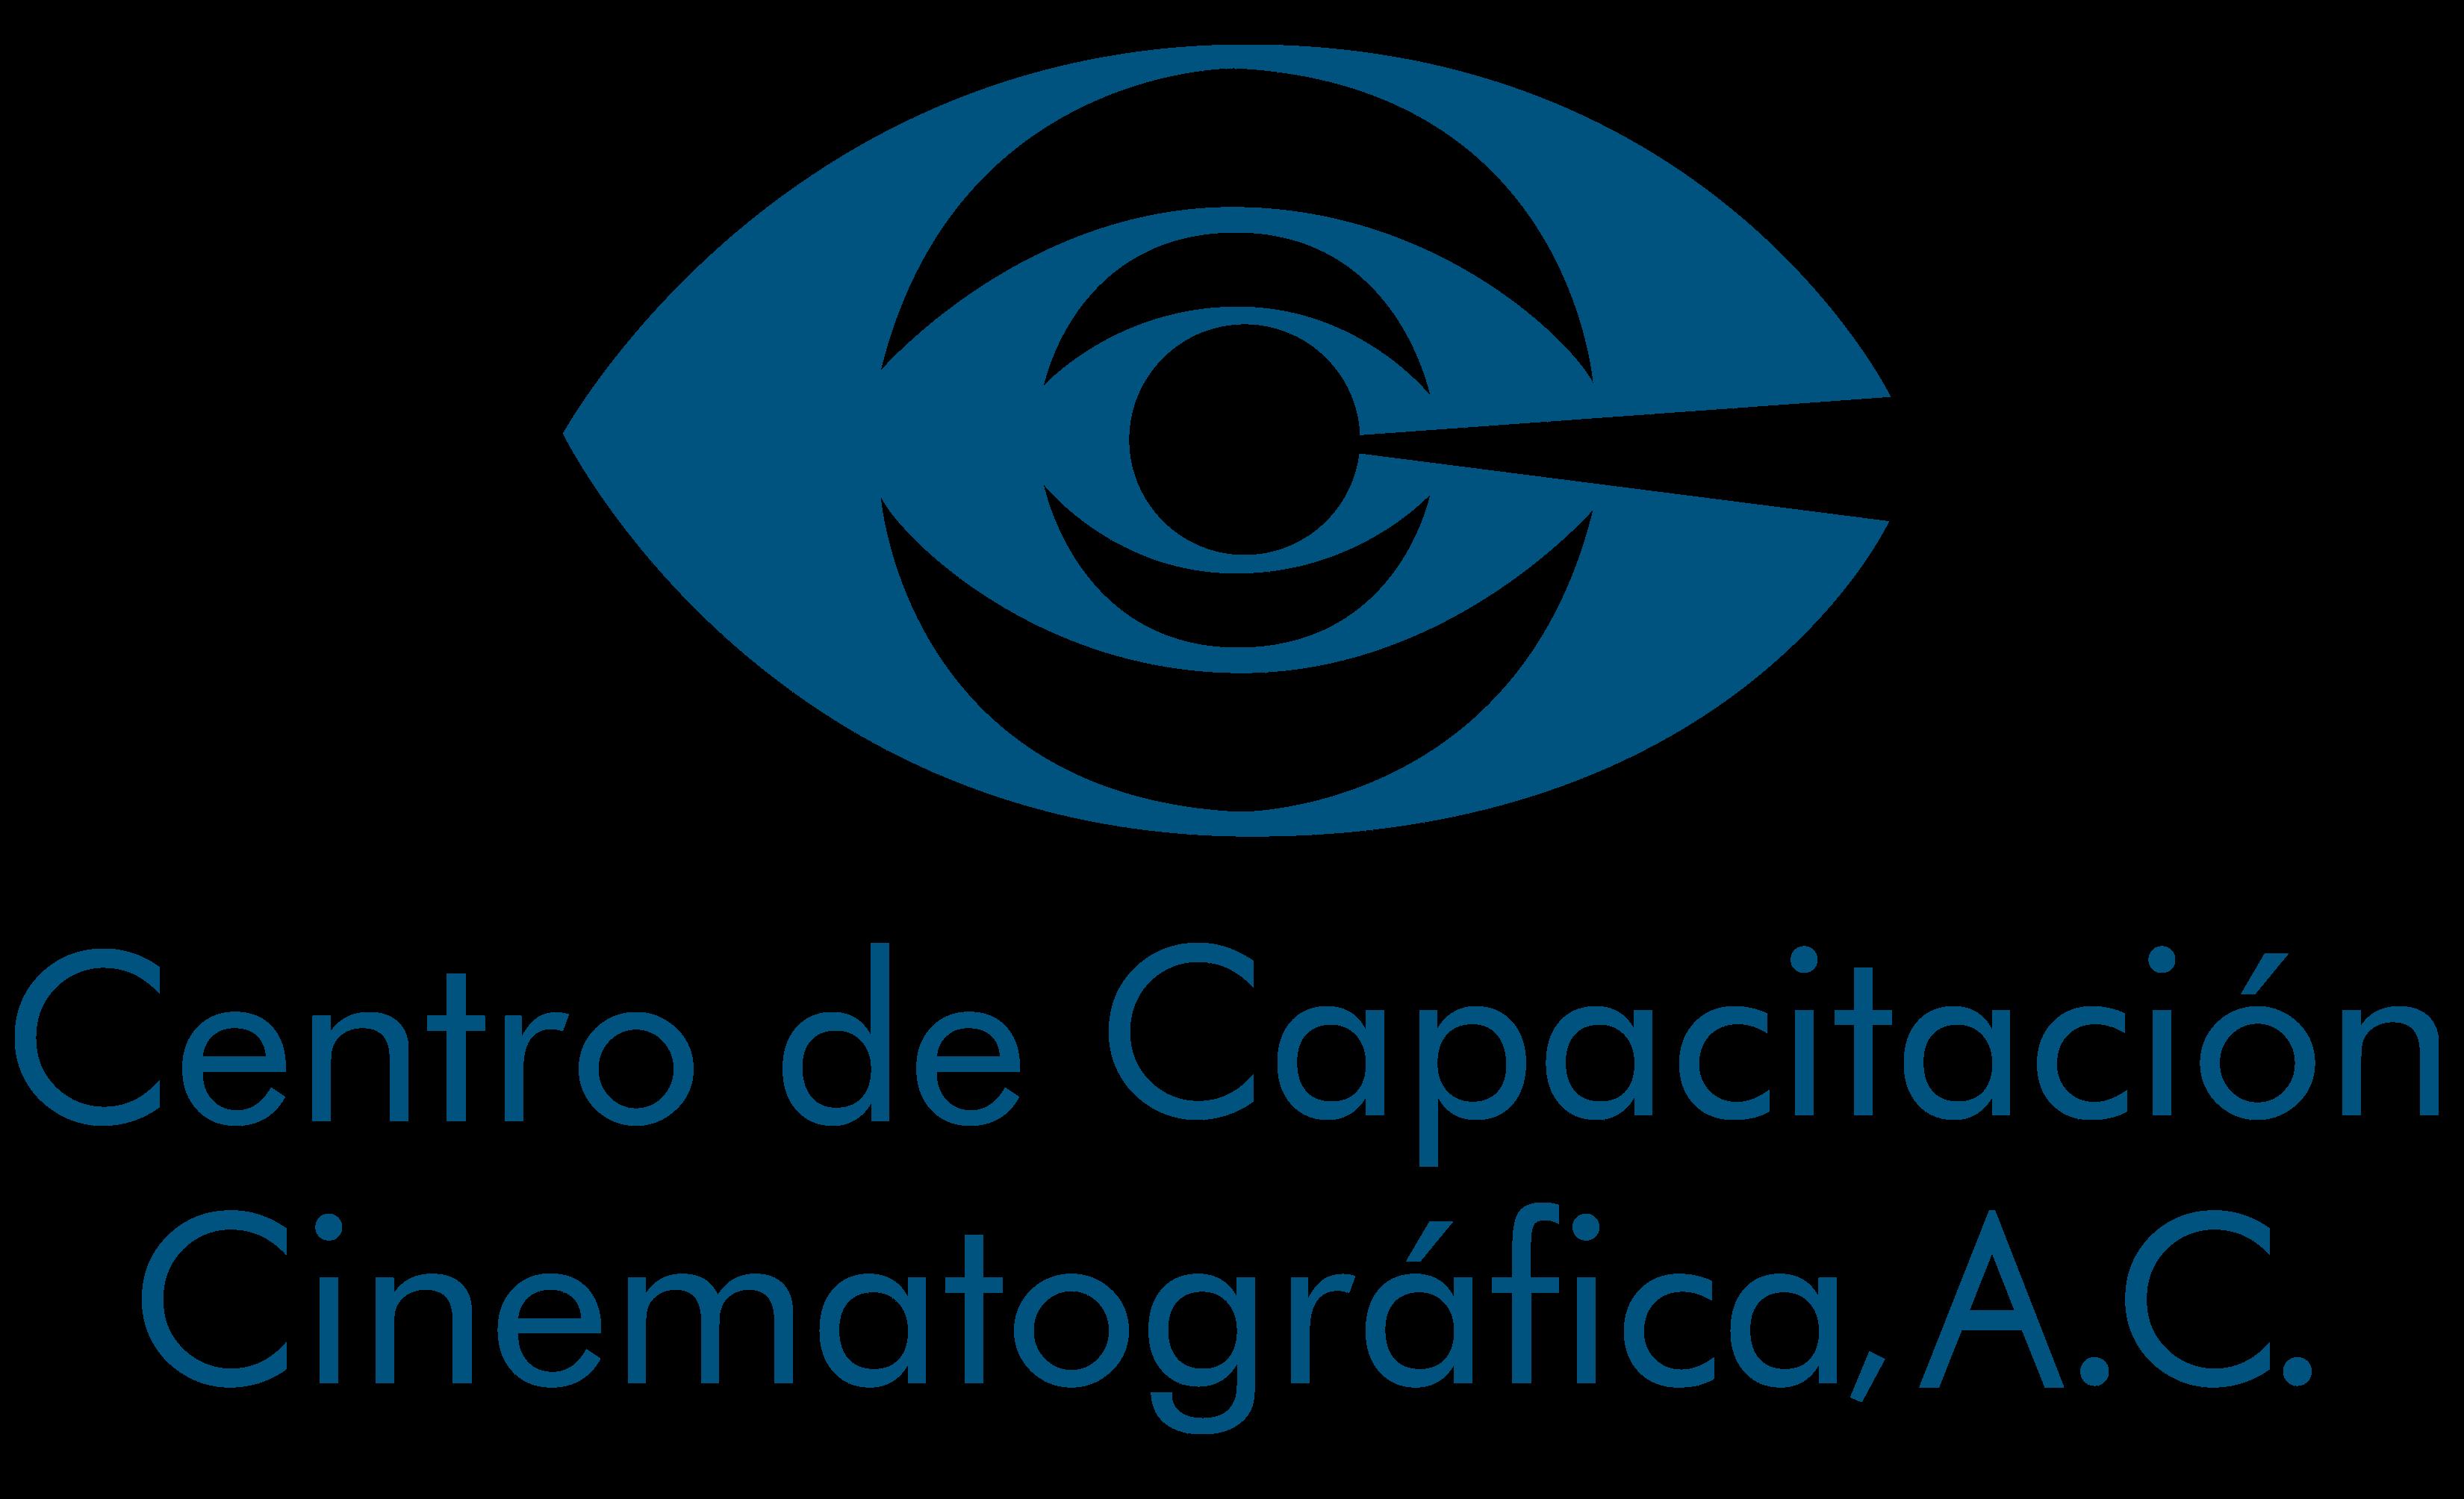 Best Film School Centro de Capacitacion Cinematographica